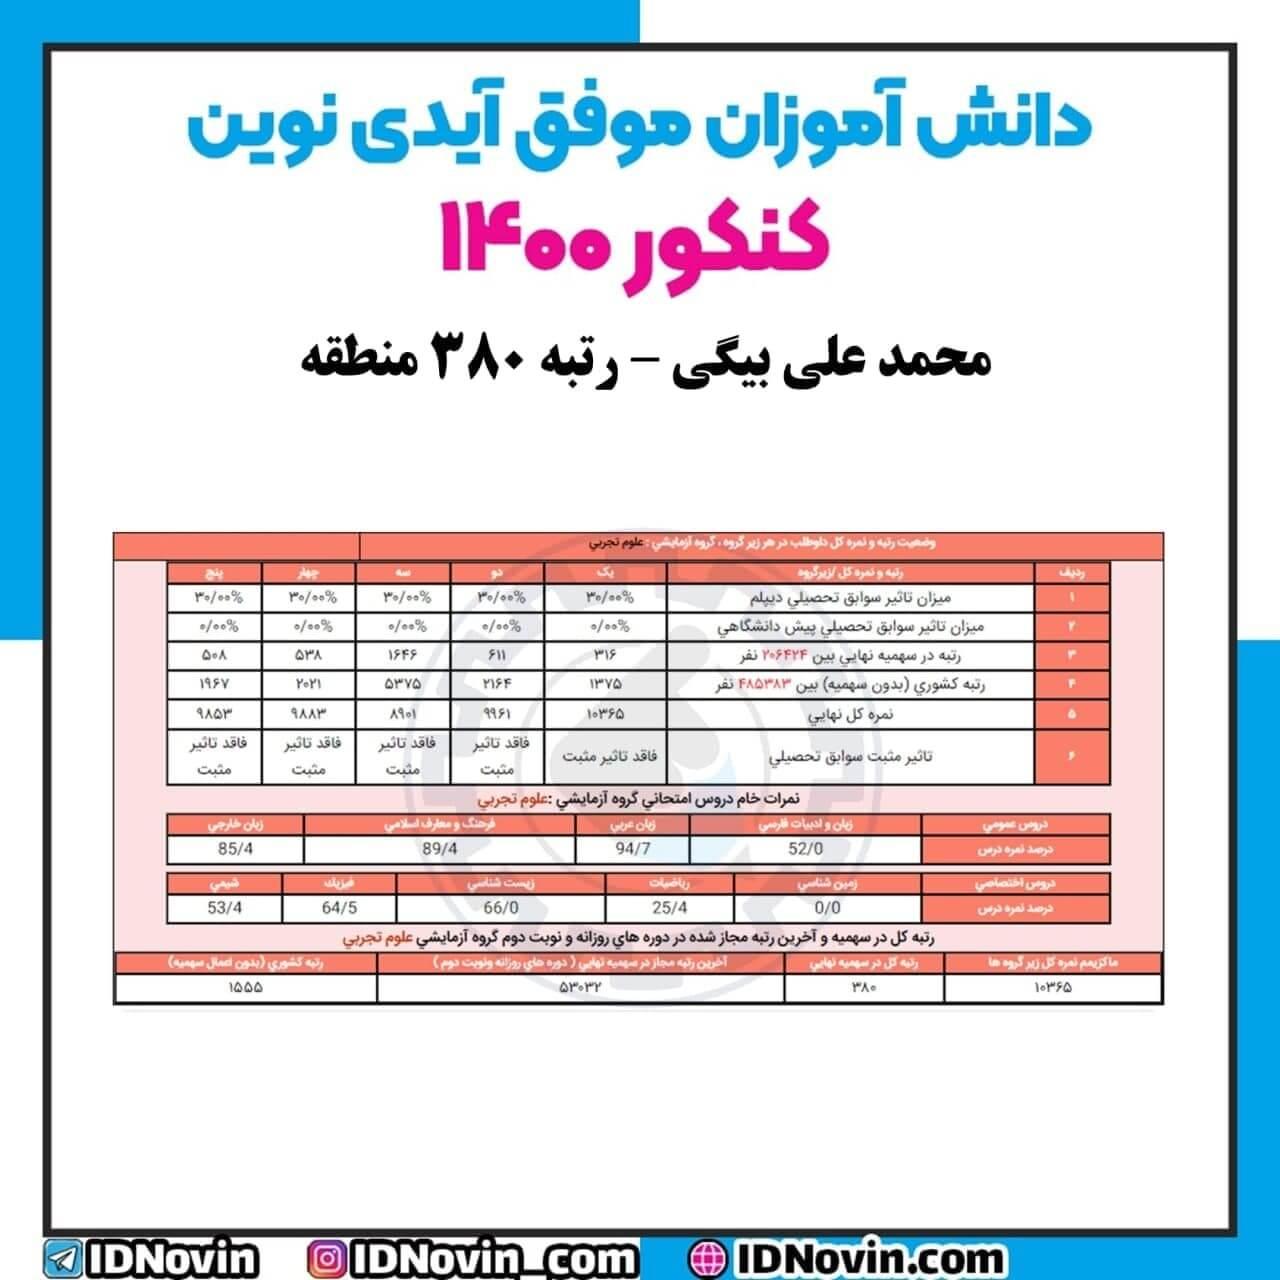 کارنامه محمد علی بیگی عزیز ، رتبه 380 کنکور 1400